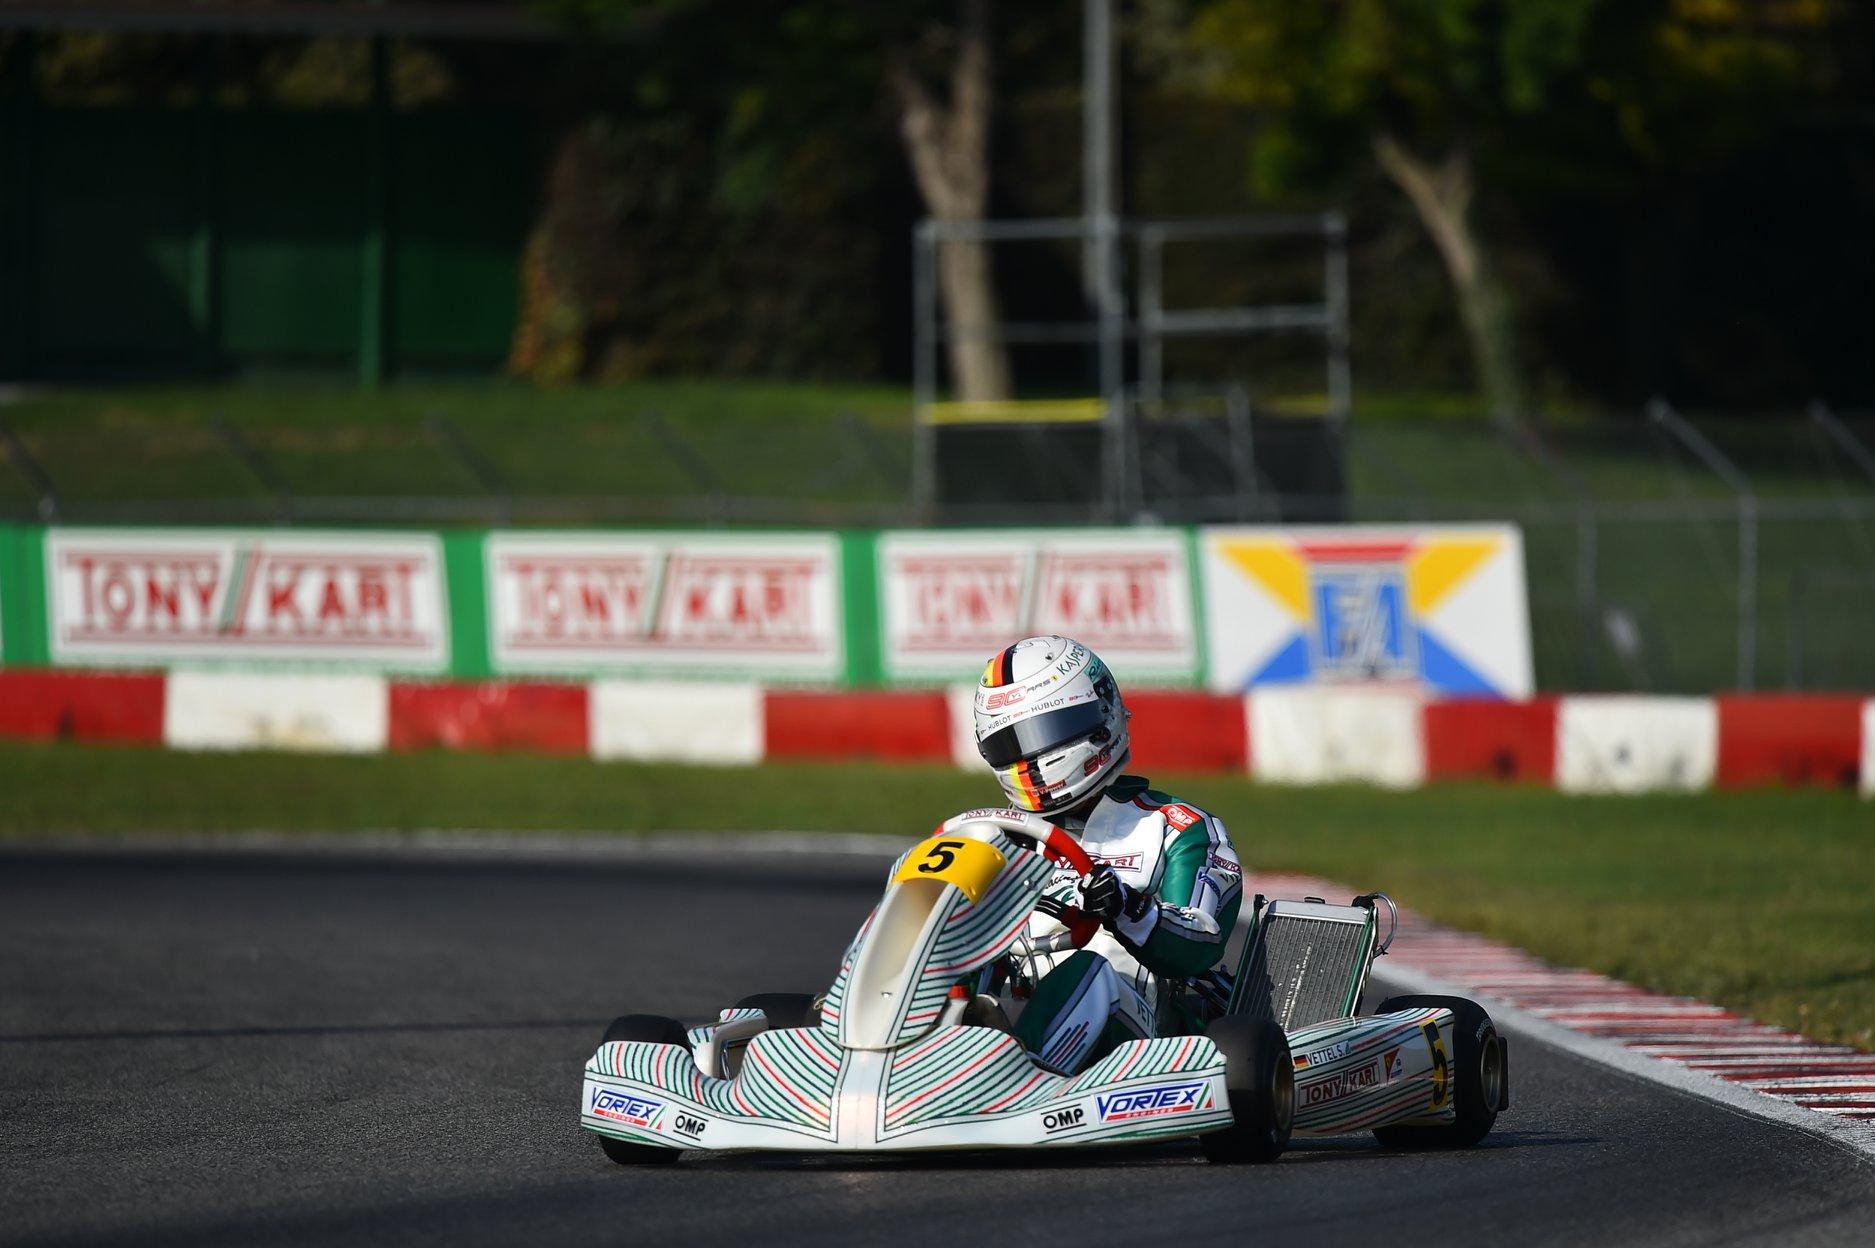 Sebastian_Vettel_testing_Tony_Kart_0029